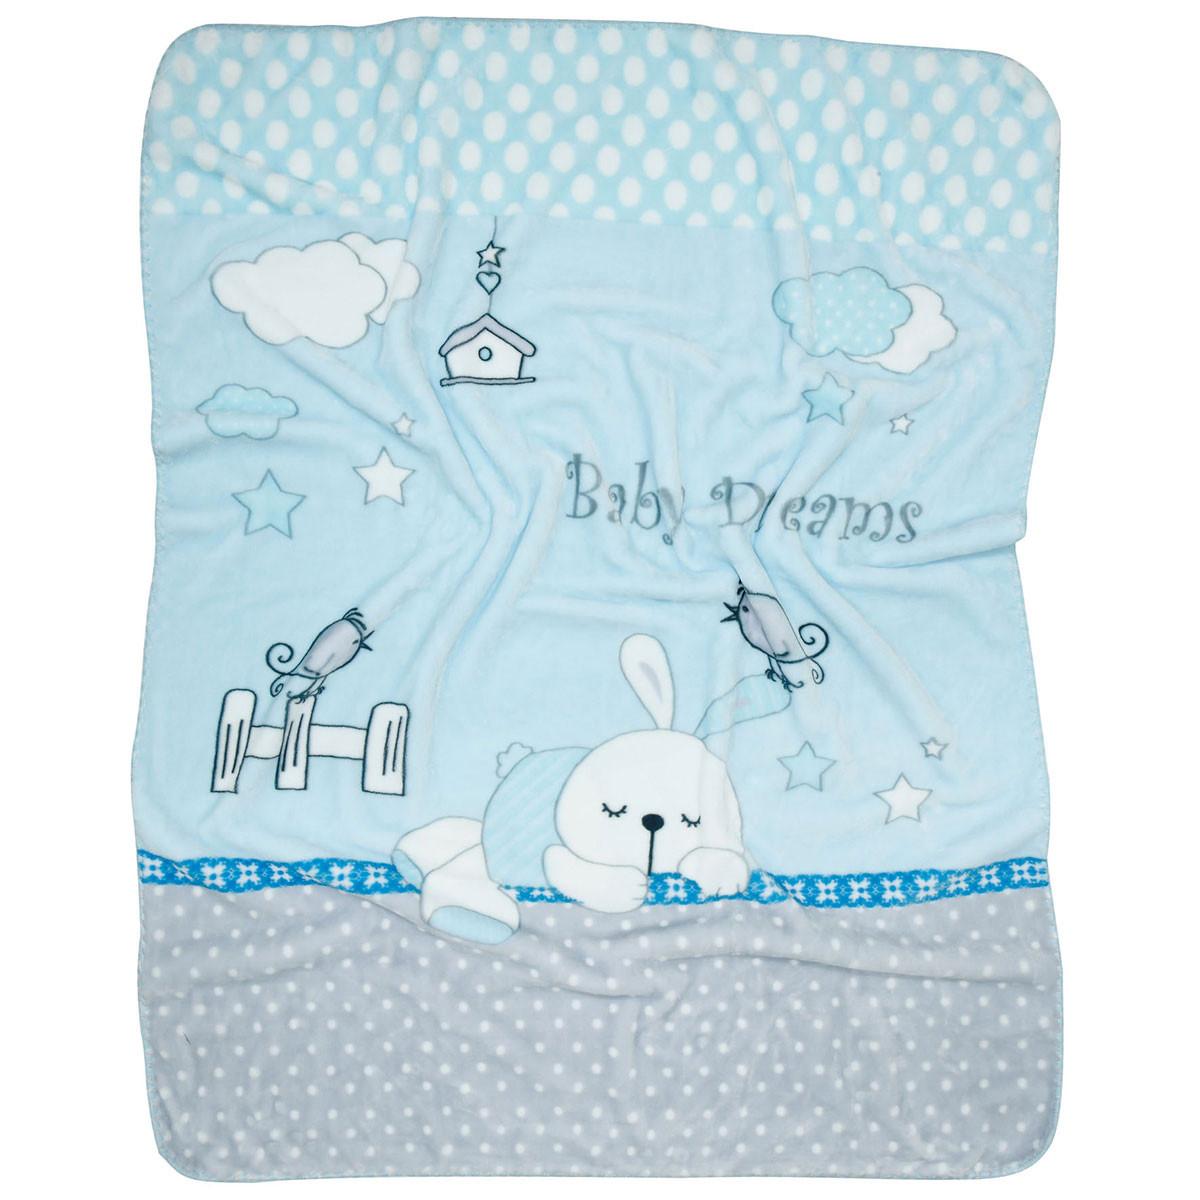 Κουβέρτα Βελουτέ Κούνιας Das Home Blanket Line 6489 home   βρεφικά   κουβέρτες βρεφικές   κουβέρτες βελουτέ